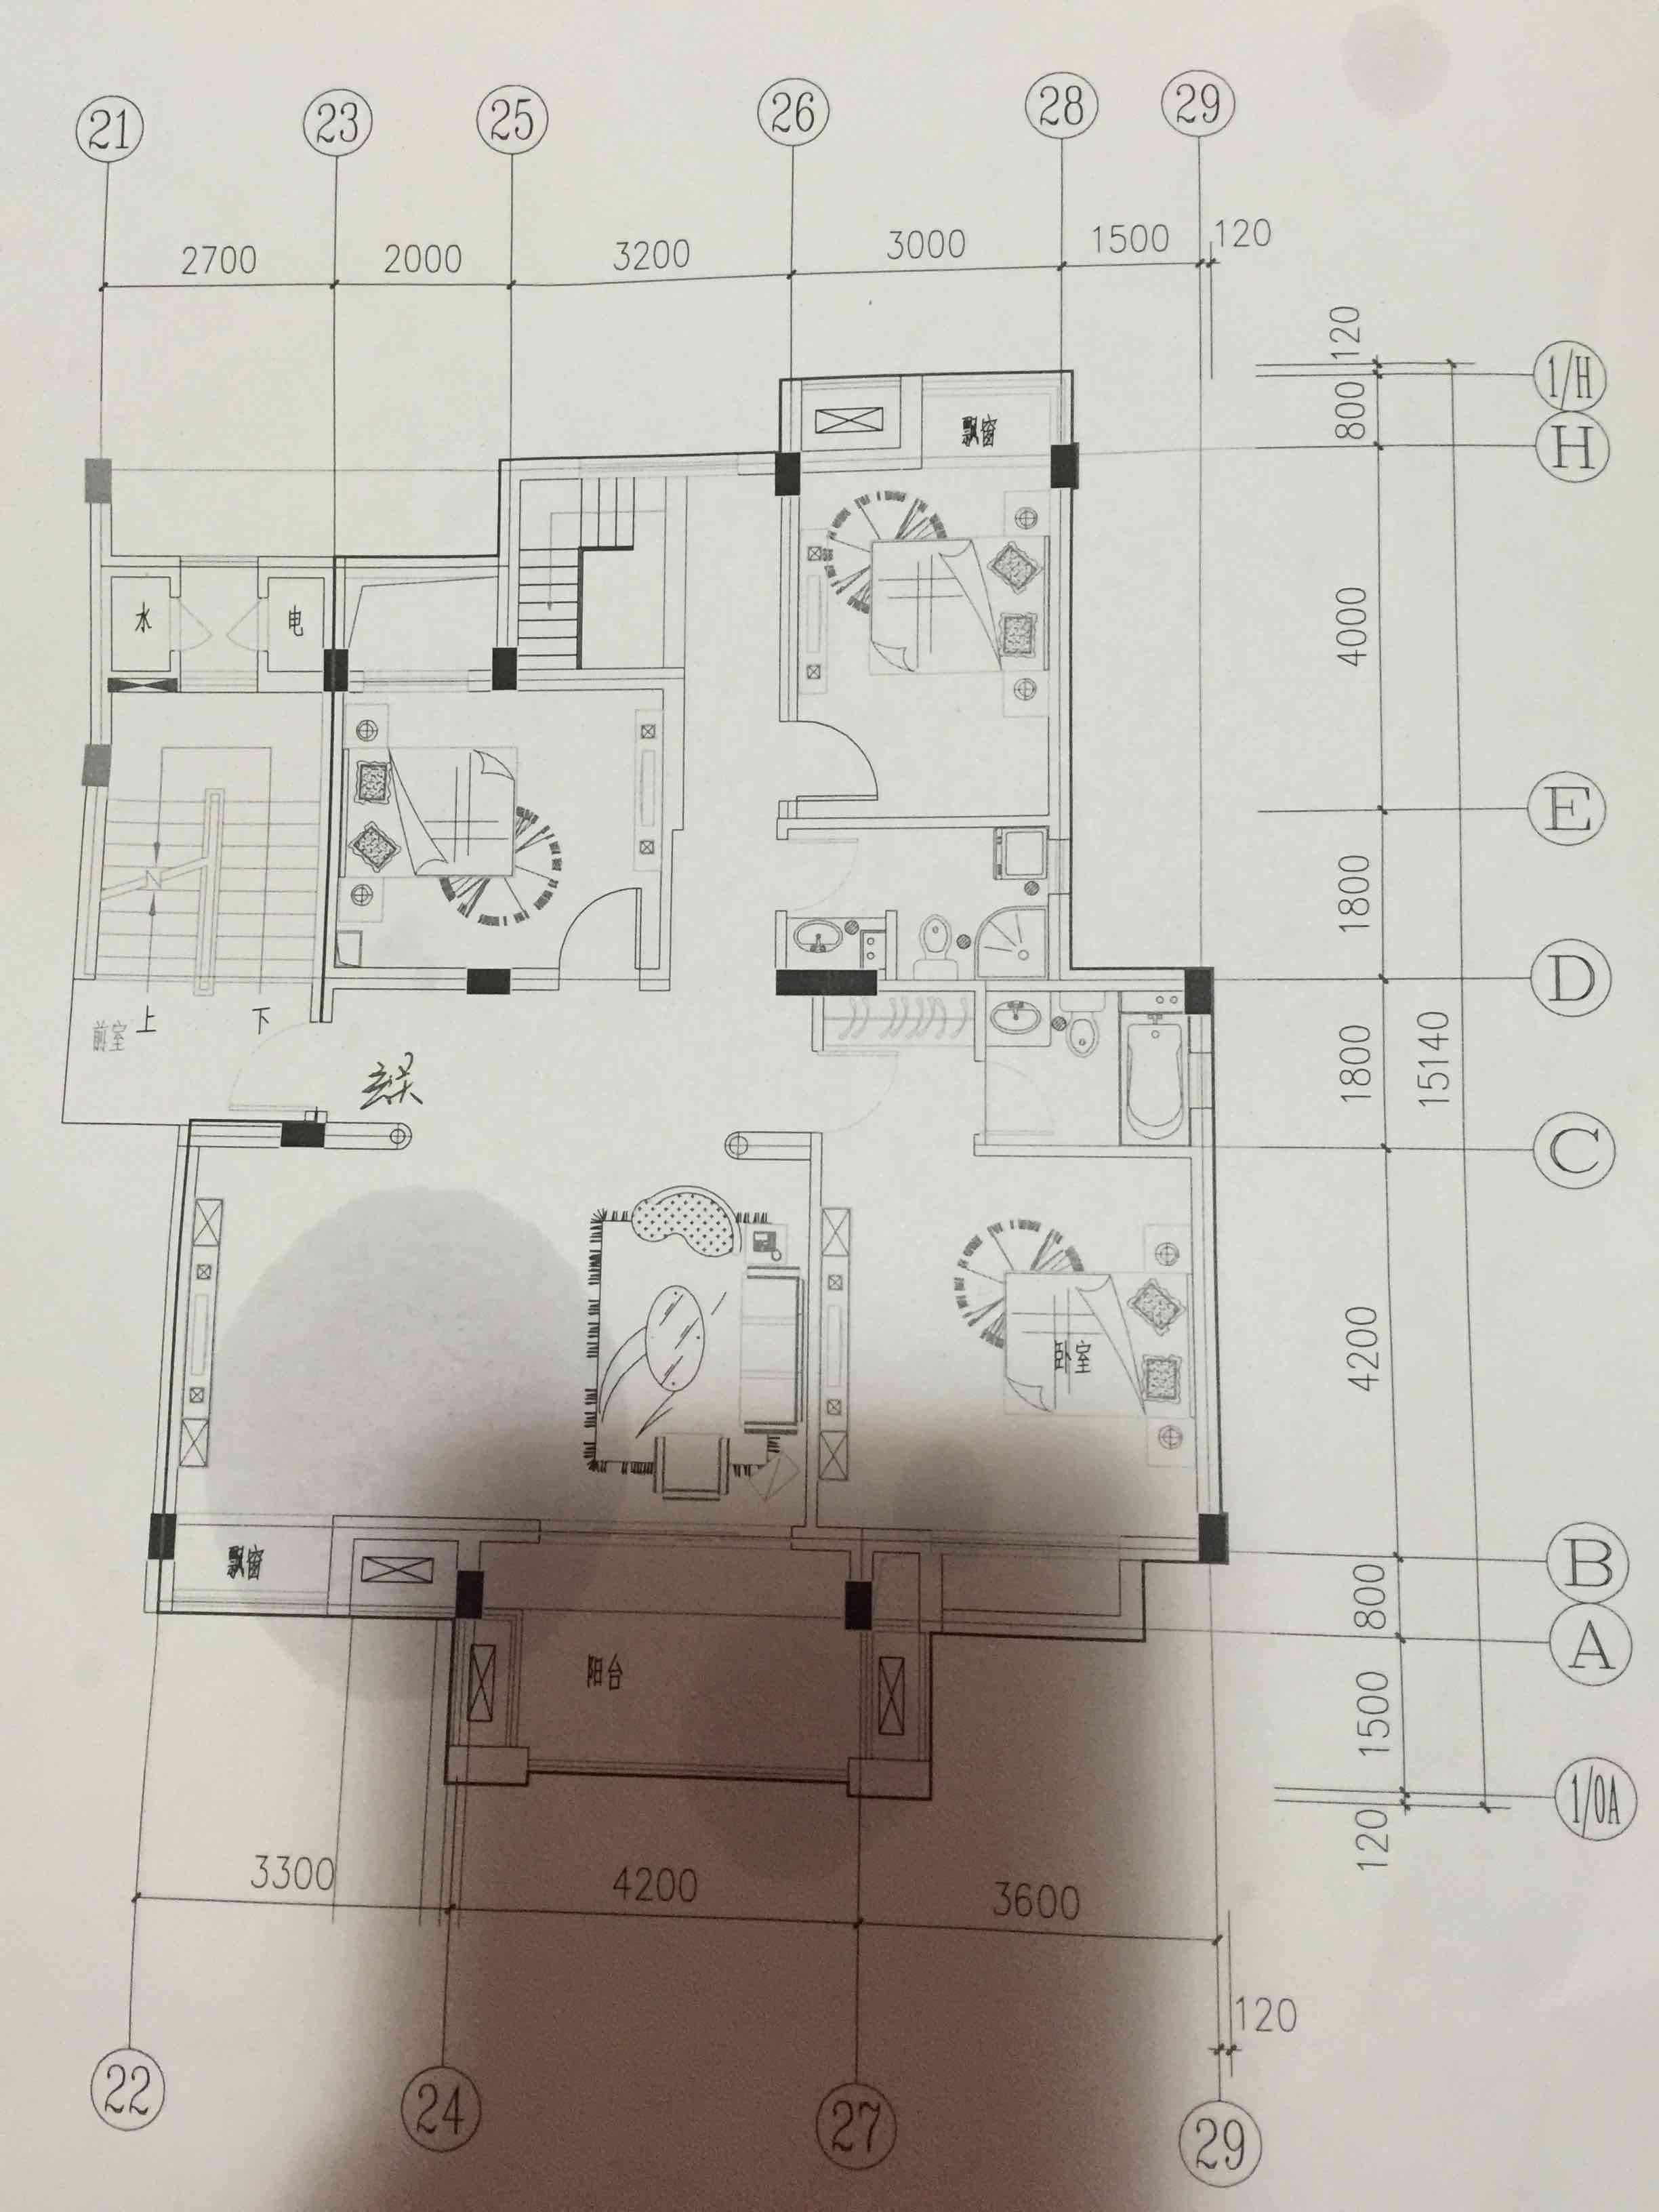 请帮我看下房子这样设计是否合理,主要是楼梯口设置是否合理.